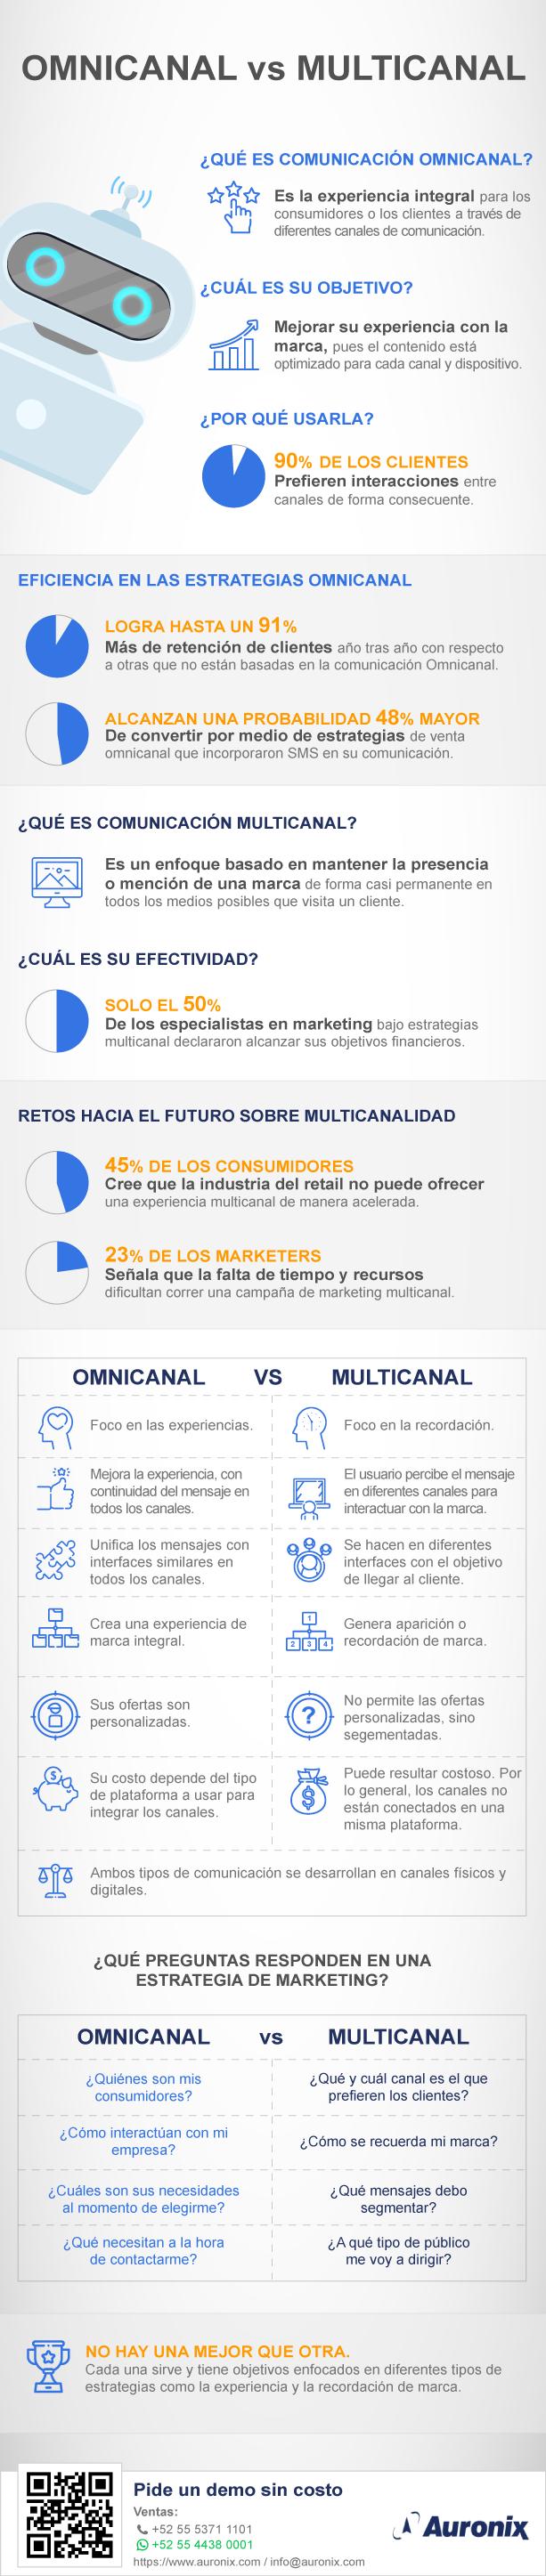 infografia-auronix-comunicacion-omnicanal-vs-comunicacion-multicanal2-1